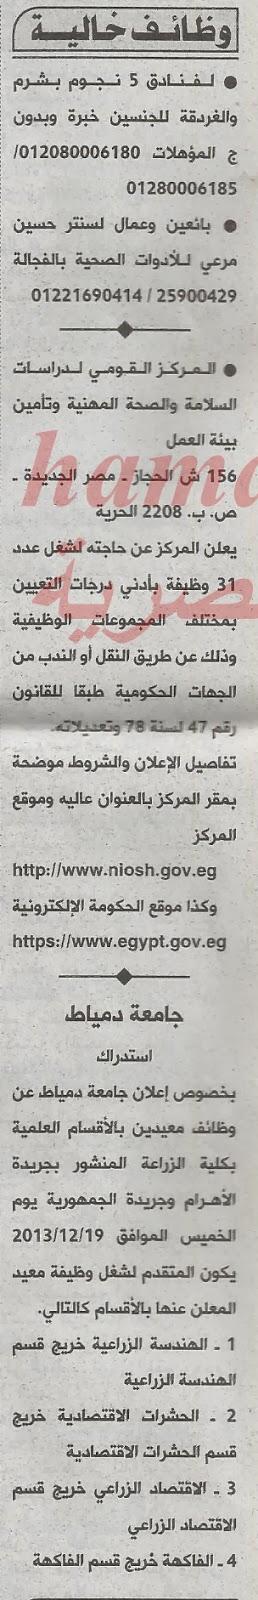 وظائف خالية من الاهرام 23 ديسمبر 2013 , وظائف جريدة الاهرام اليوم الاثنين 23-12-2013